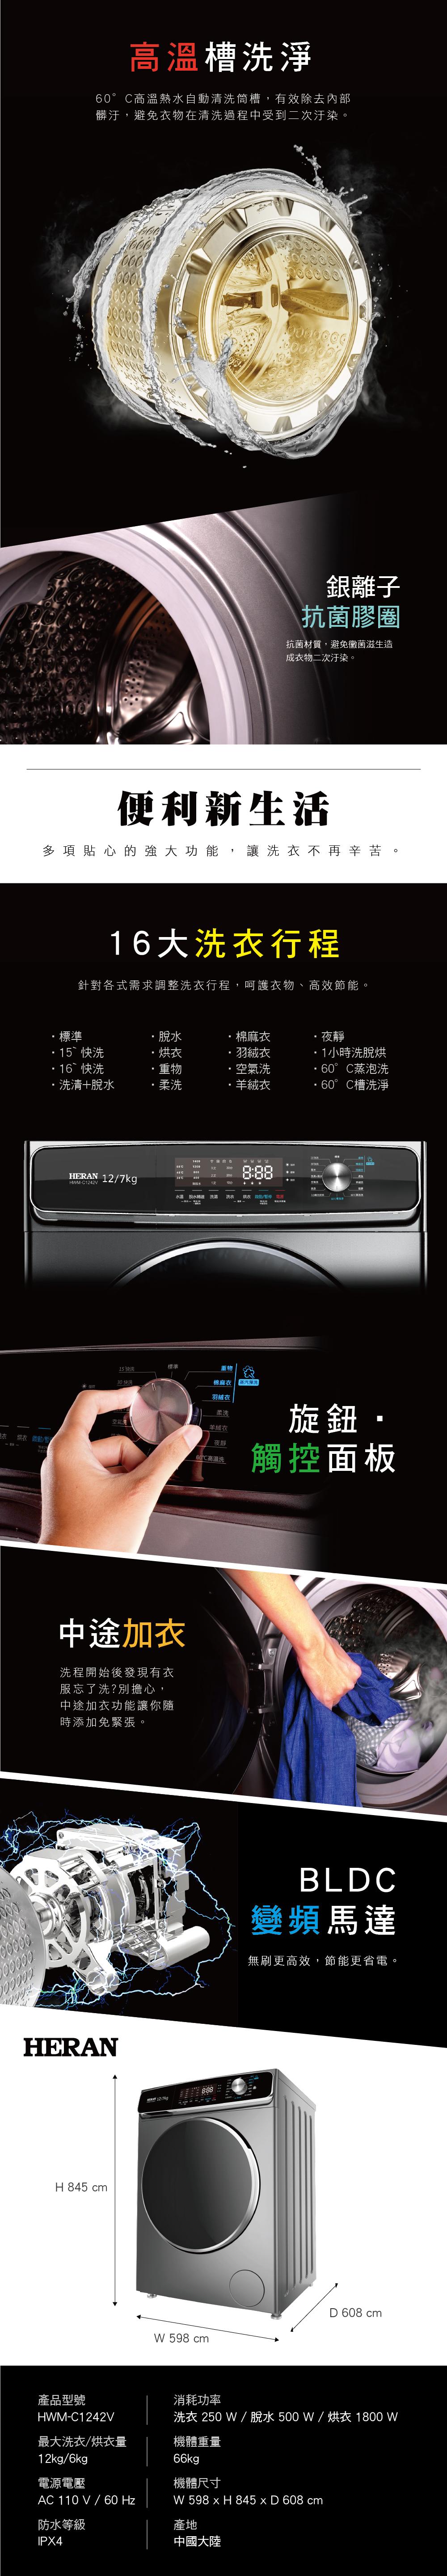 鑫冠鑫↘禾聯 HWM-C1242V 12公斤 滾筒式洗衣機(蒸氣/洗脫烘)私訊